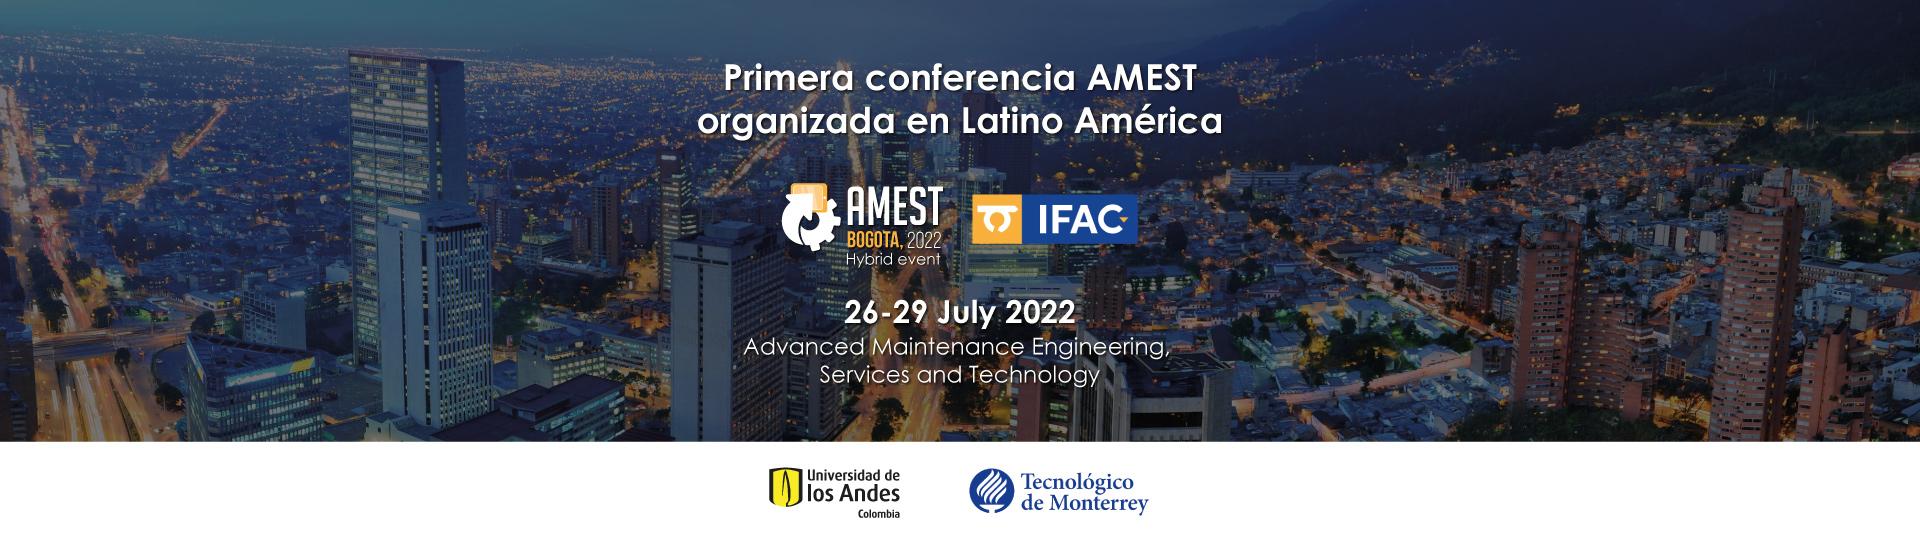 Primera conferencia AMEST en Latinoamérica estará en Uniandes